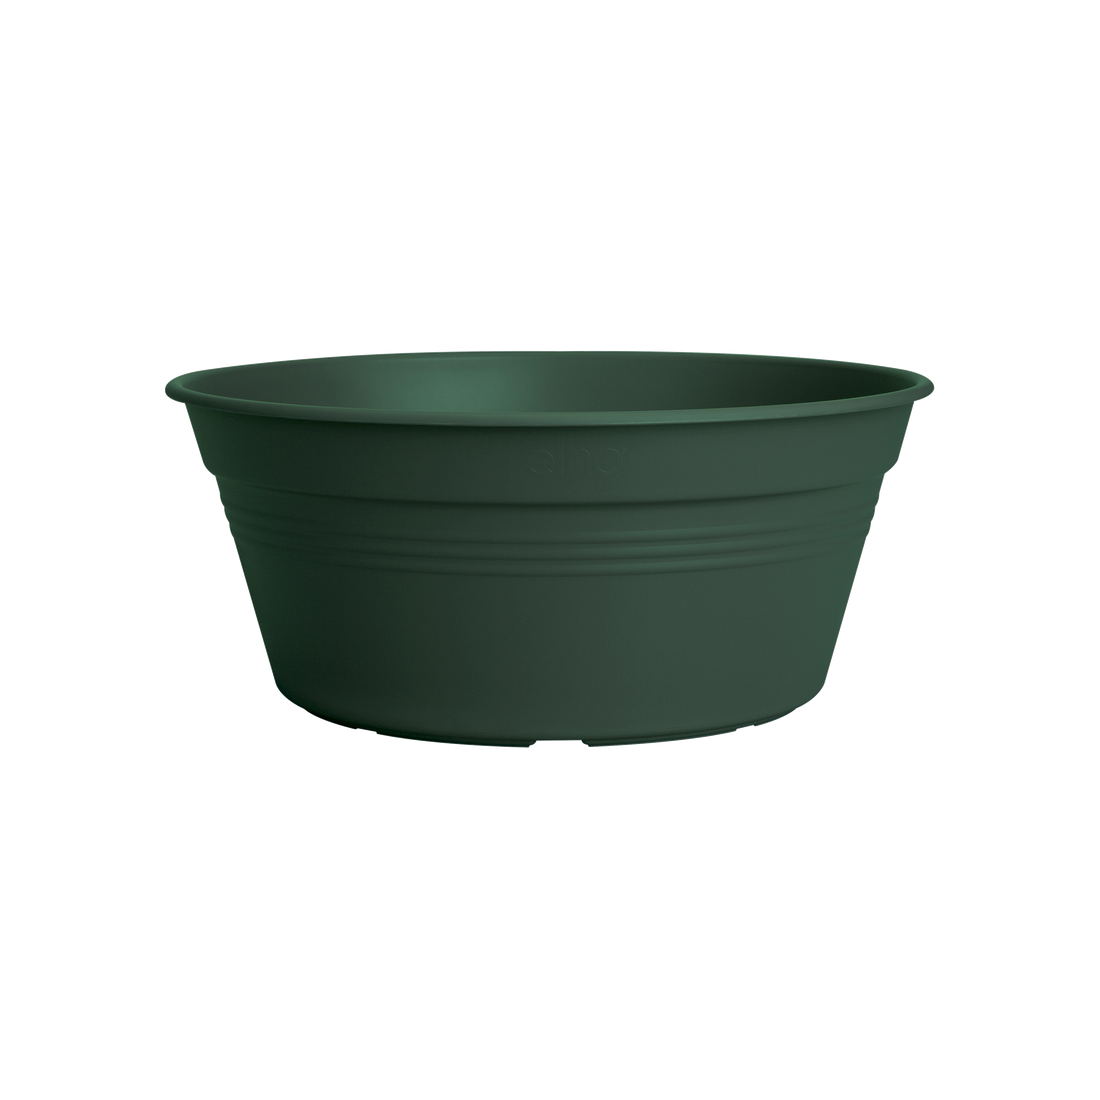 Elho green basics schaal 33cm blad groen